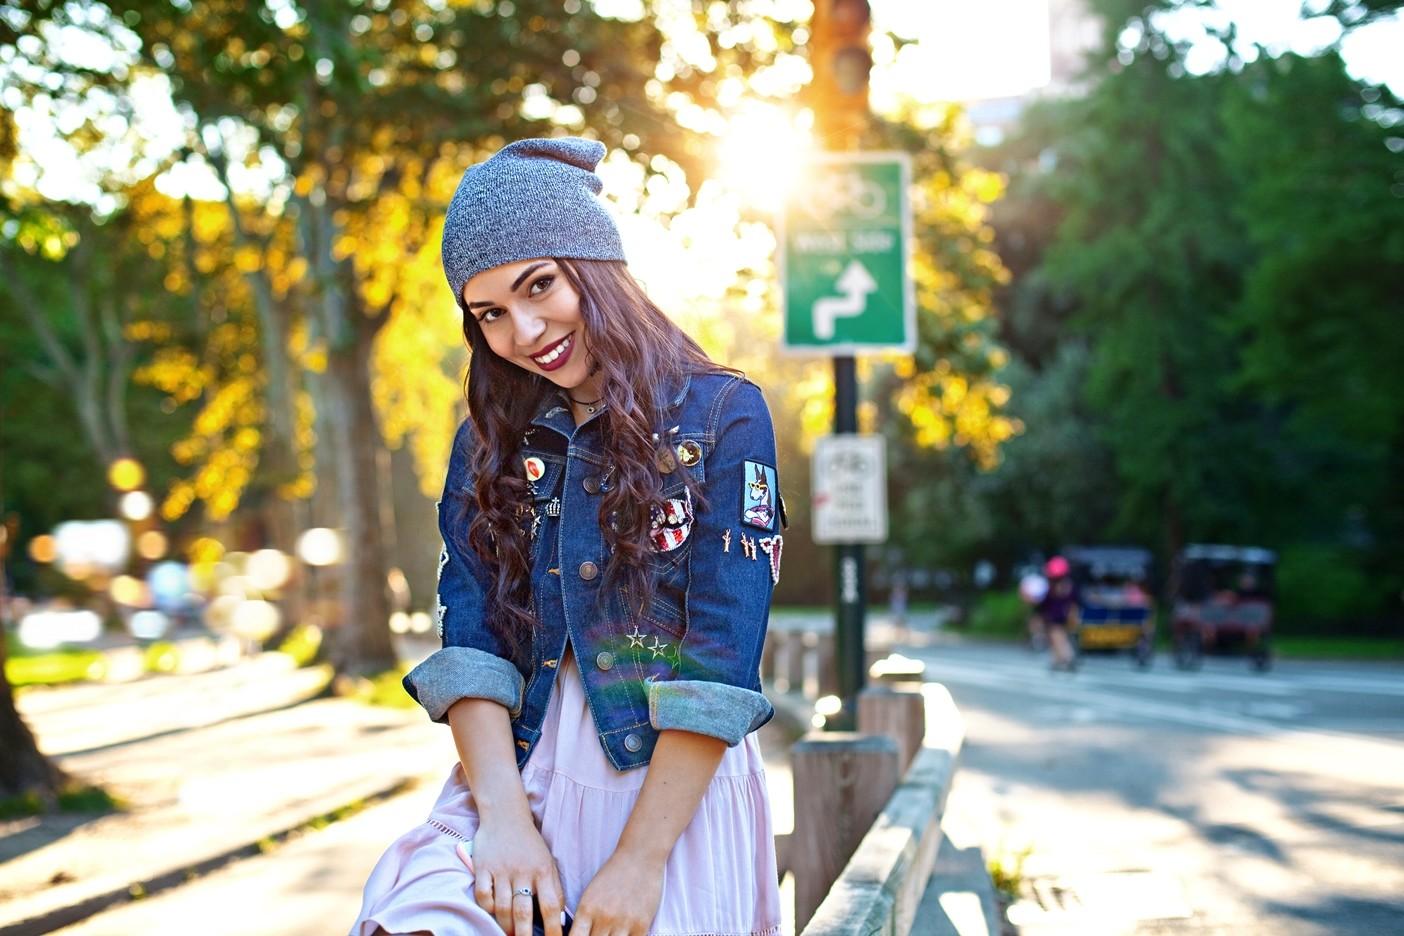 Диана ди — фото, биография, личная жизнь, новости, блогер 2020 - 24сми